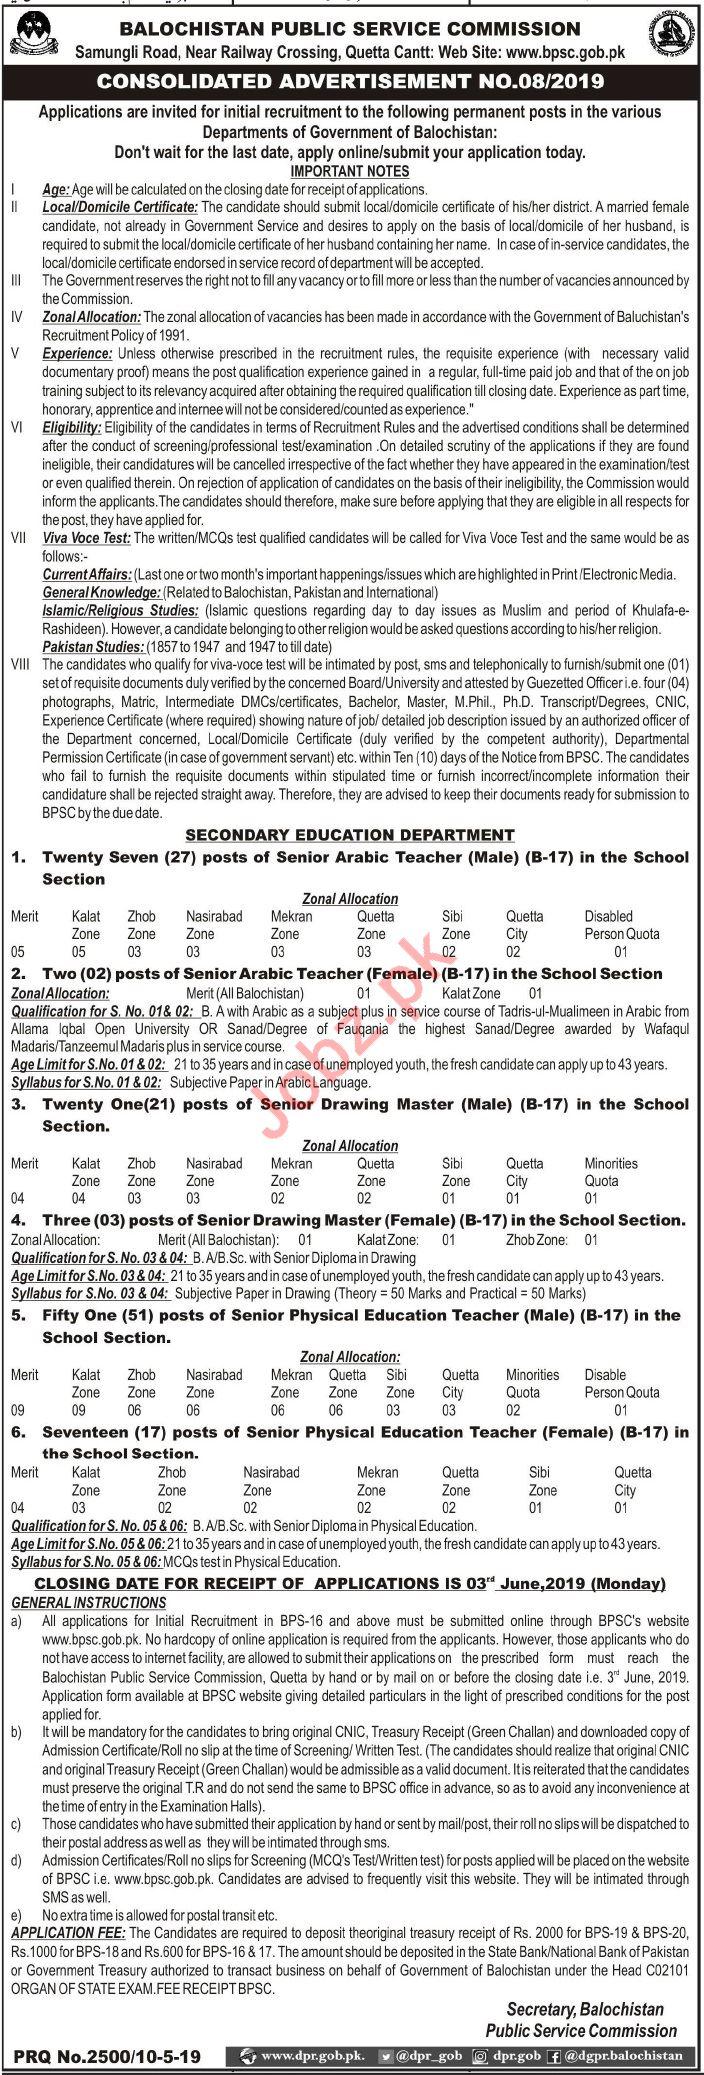 Balochistan Public Services Commission BPSC Jobs 2019